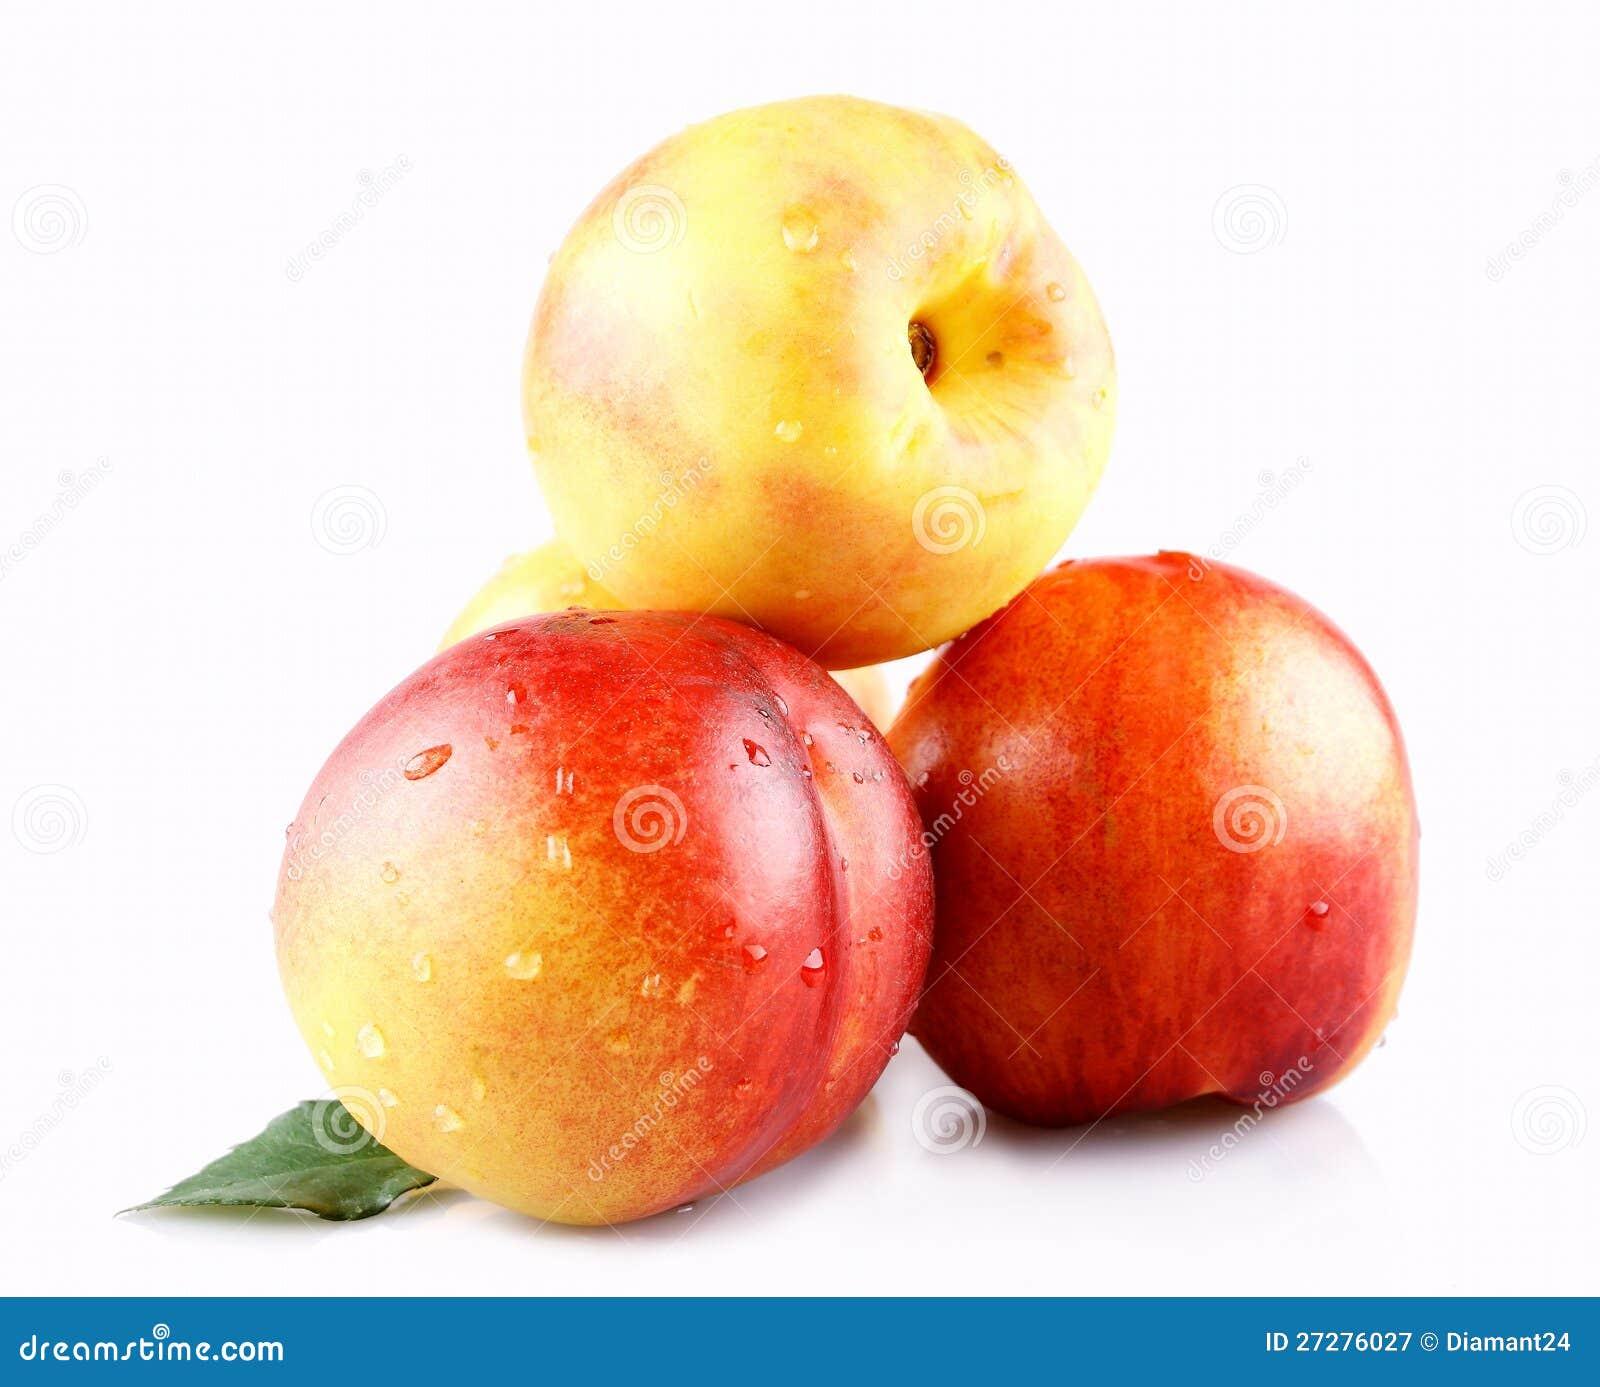 Läckra persikor